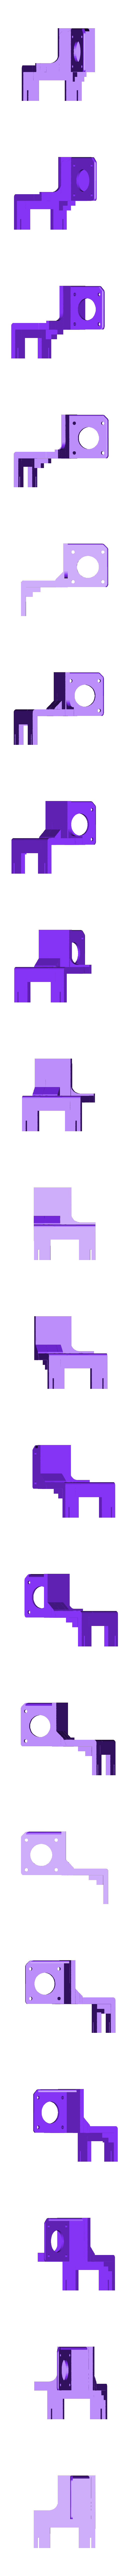 Modificado_MGN12H_Adapter_v2.1.stl Télécharger fichier STL gratuit Ender 3 Extrusion directe avec BMG et guide linéaire • Objet imprimable en 3D, nitoguz